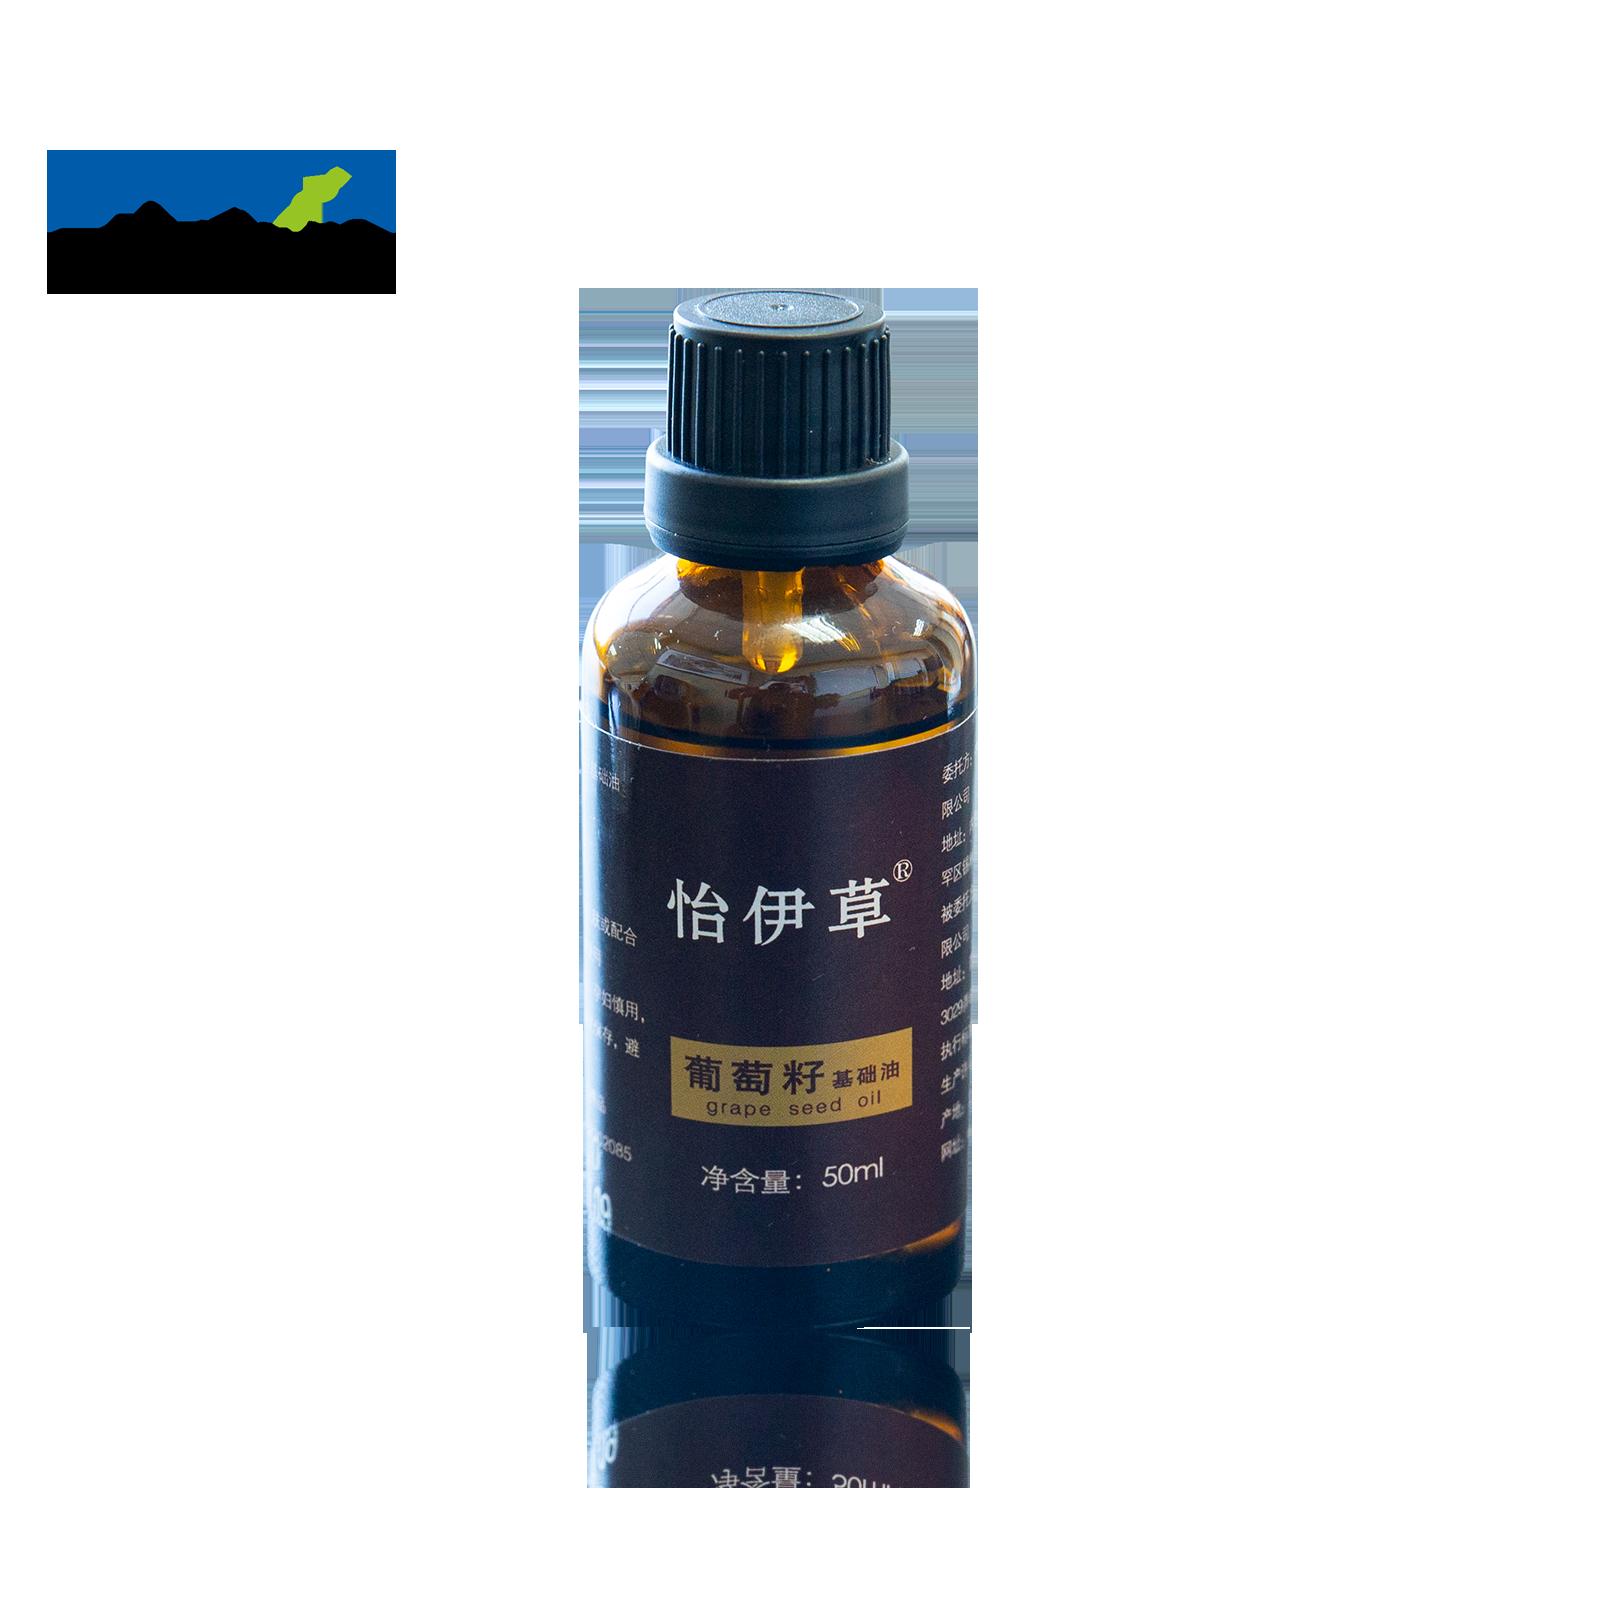 怡伊草基础油系列之葡萄籽油/50mL